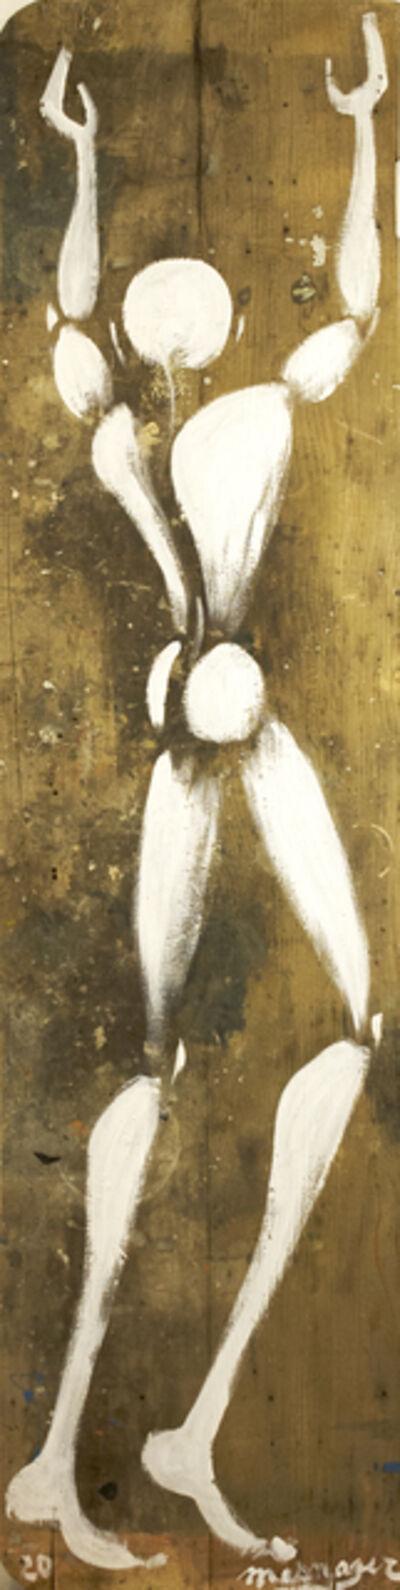 Jérôme Mesnager, 'Homme Géant (Réf. 90)', 2020